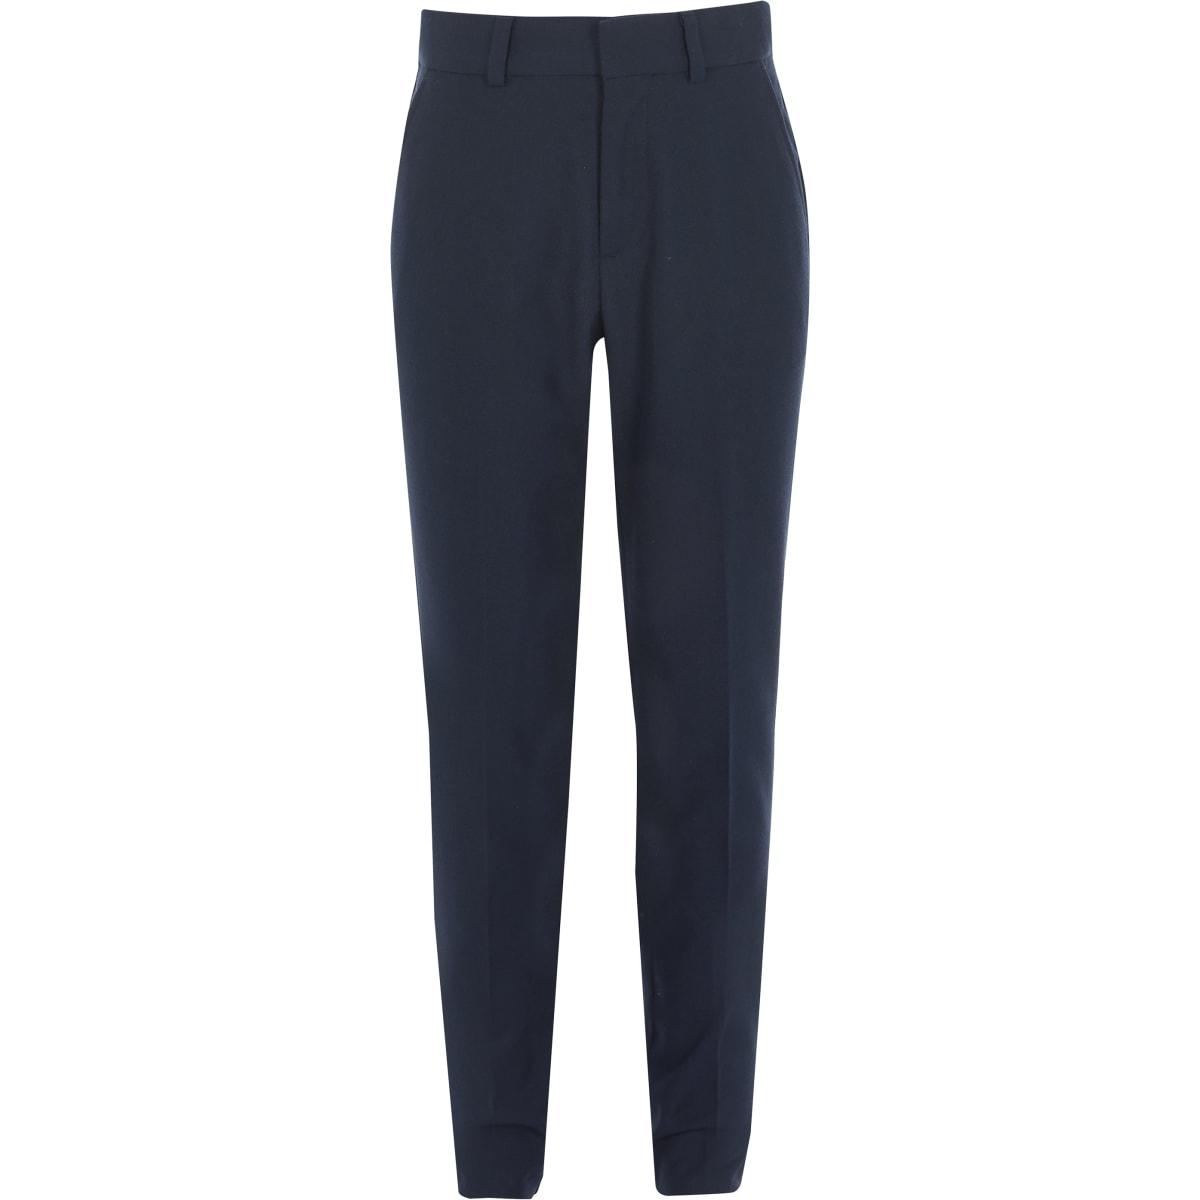 Marineblauwe broek met rechte pijpen voor jongens